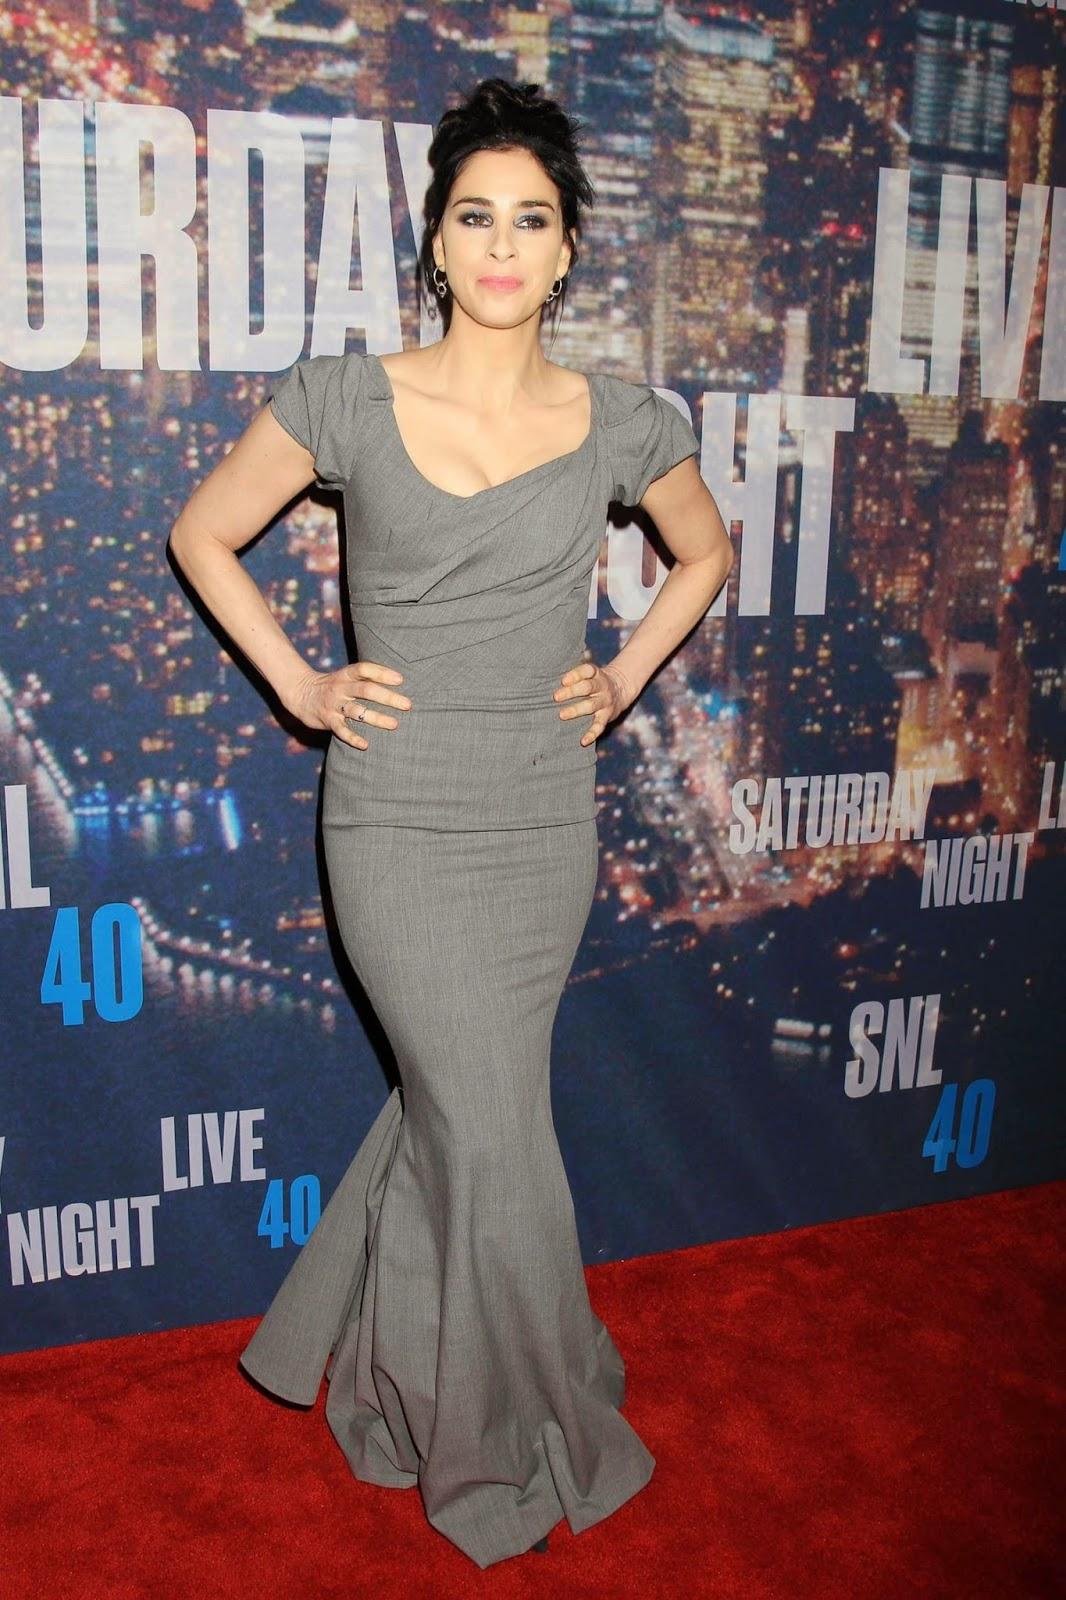 صور الكوميدية الأمريكية سارة سيلفرمان خلال احتفال في نيويورك